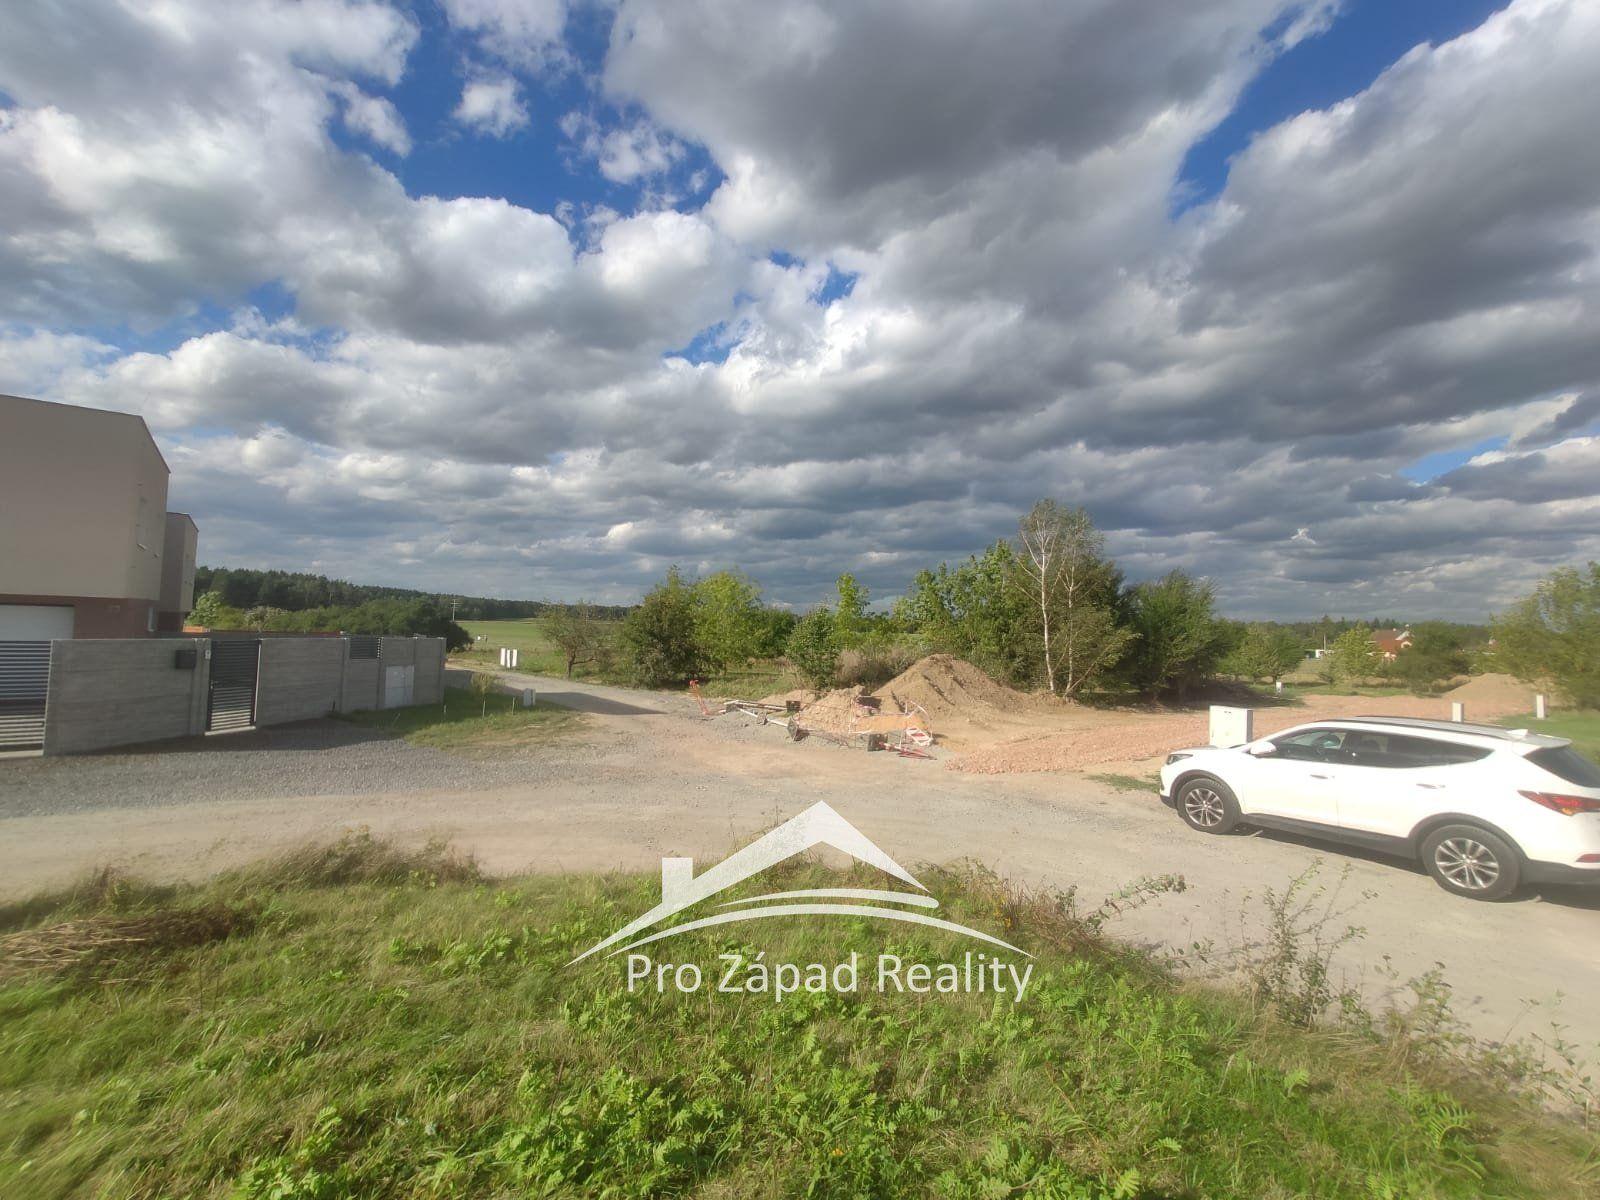 Prodej posledního pozemku pro bydlení s projektem a stavebním povolením, 593 m2 - Plzeň 10-Lhota